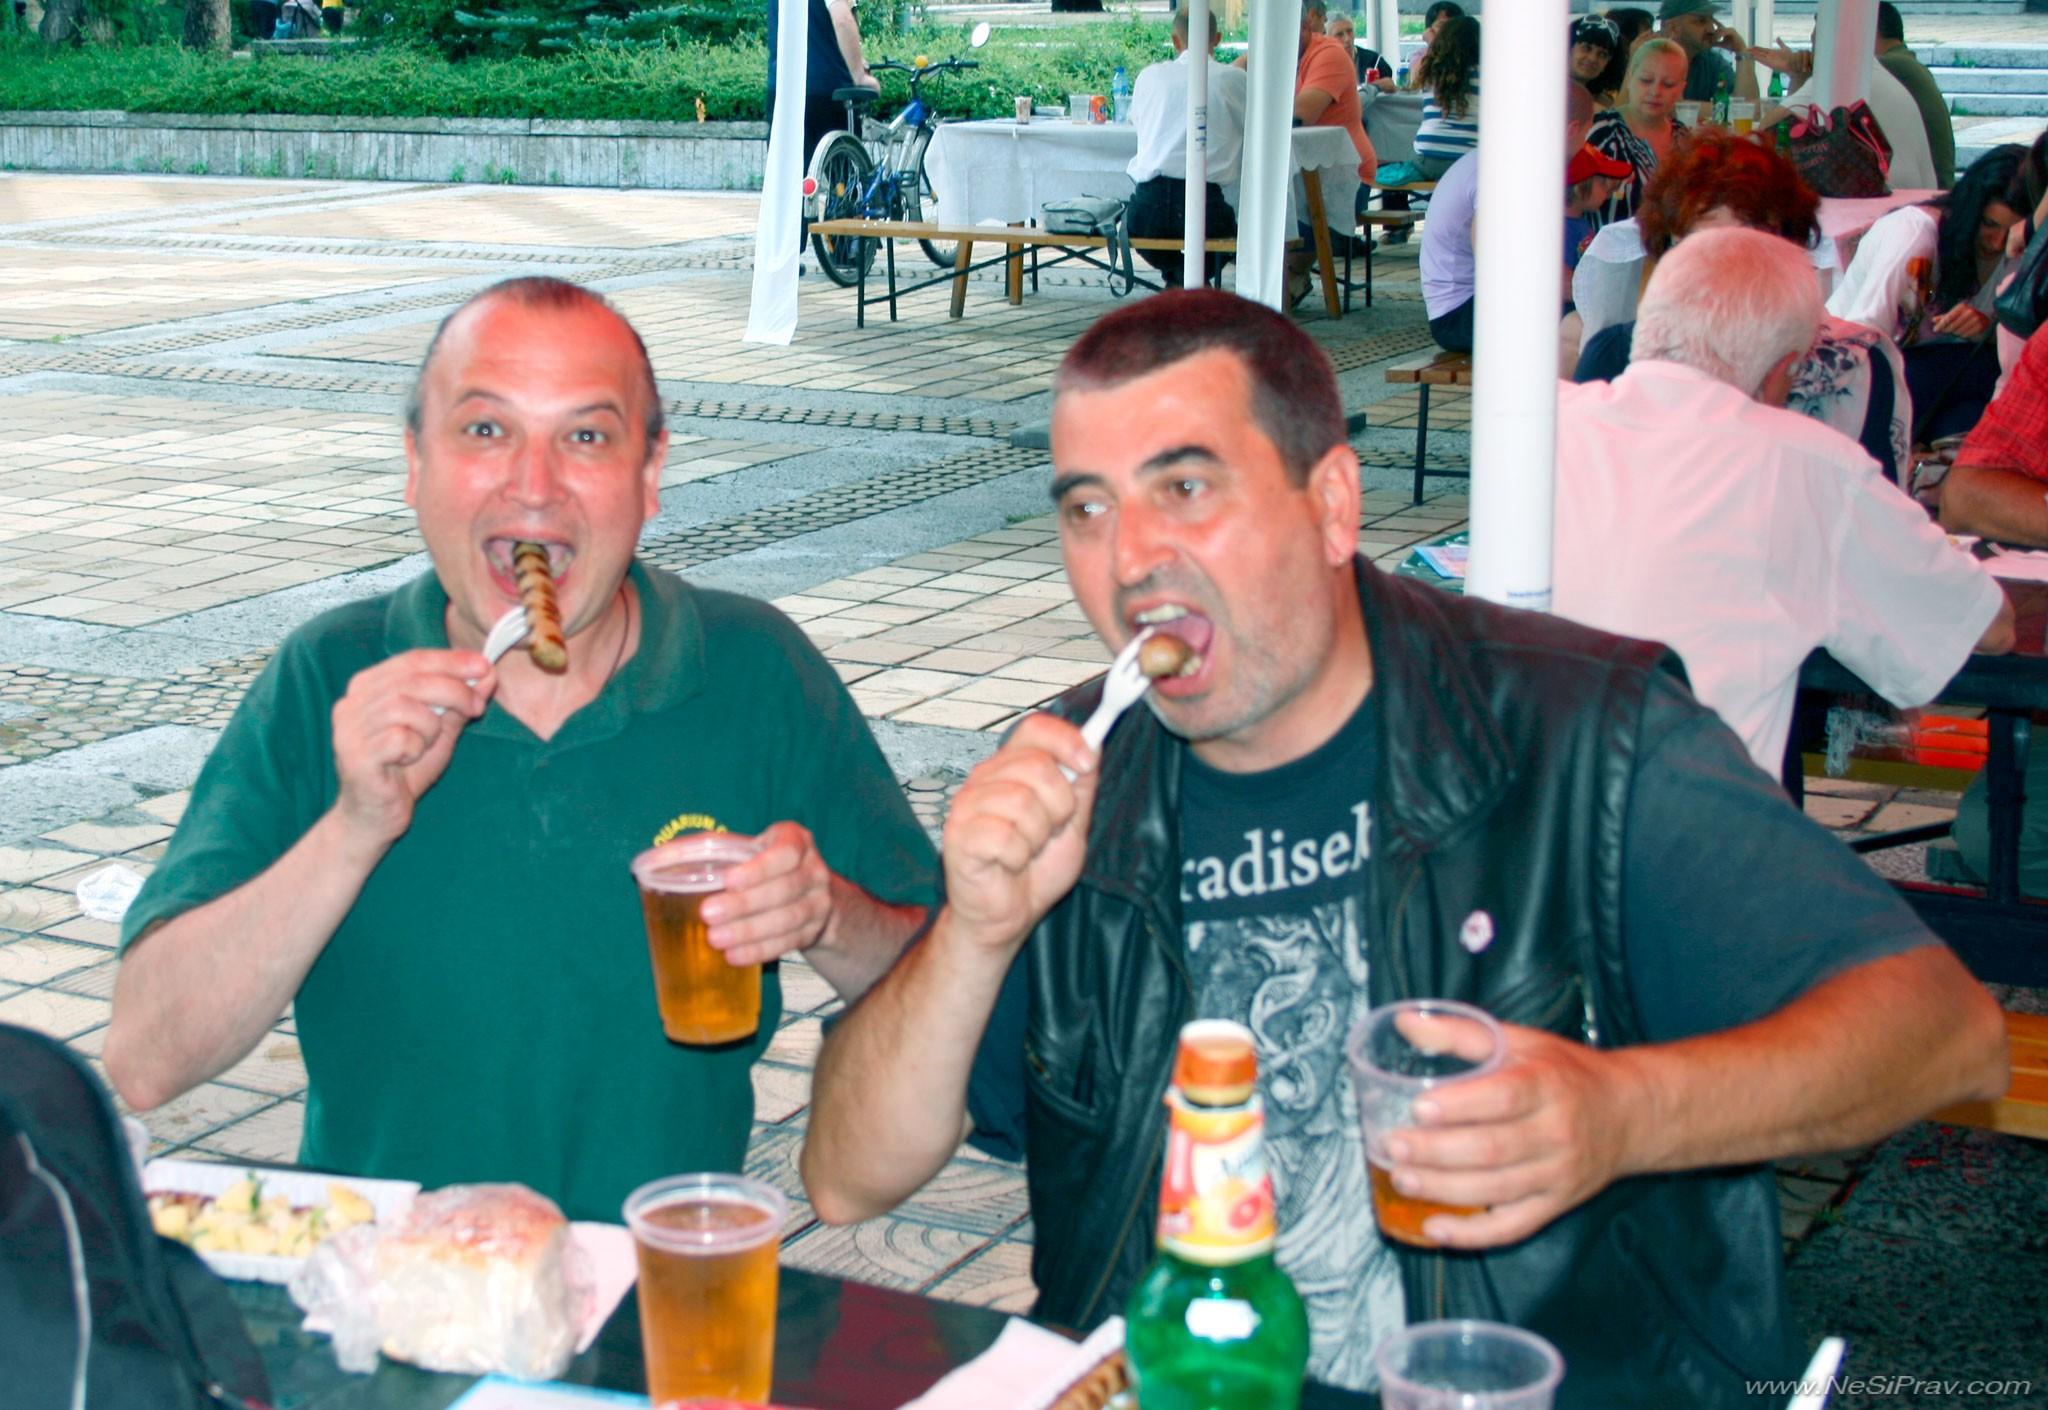 Троян, 2014, Рок-Феста, ние с Пешо нагъваме кебапчета с бира, преди да се е почнало